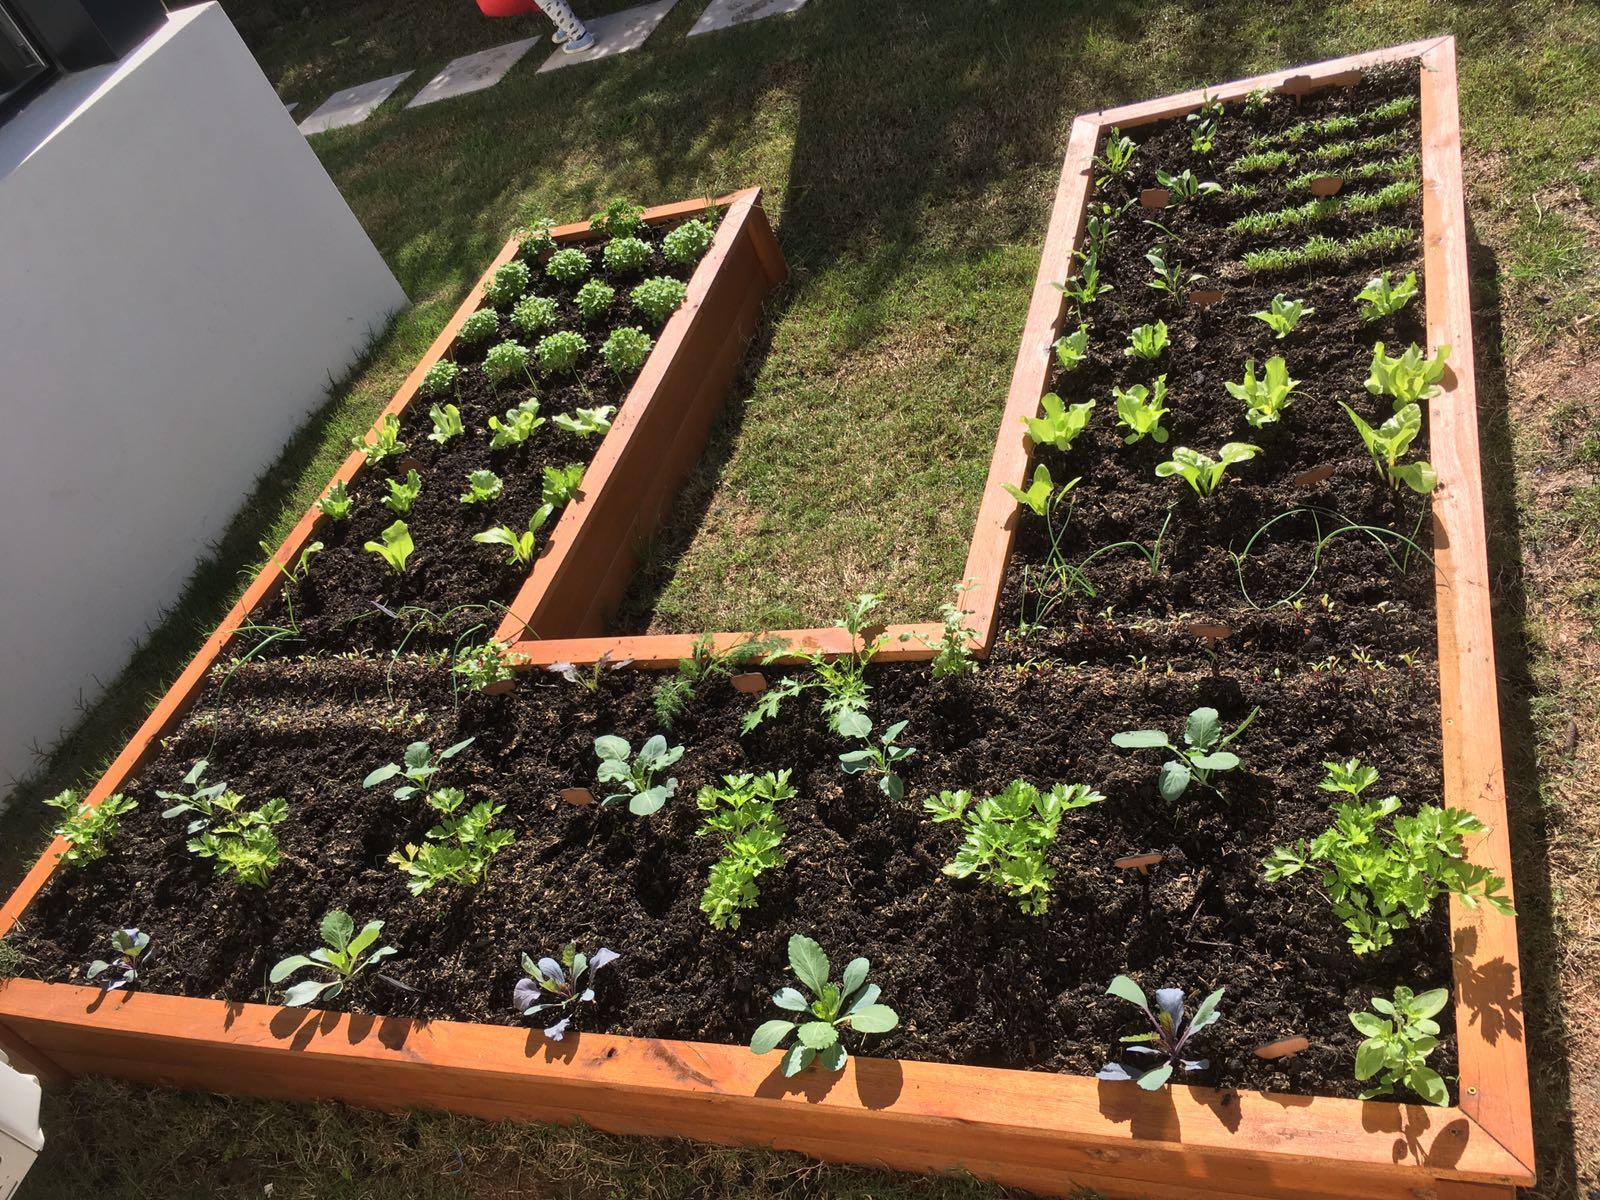 Huerta en casa dise amos armamos y mantenemos tu huerta for Para desarrollar un jardin contemporaneo